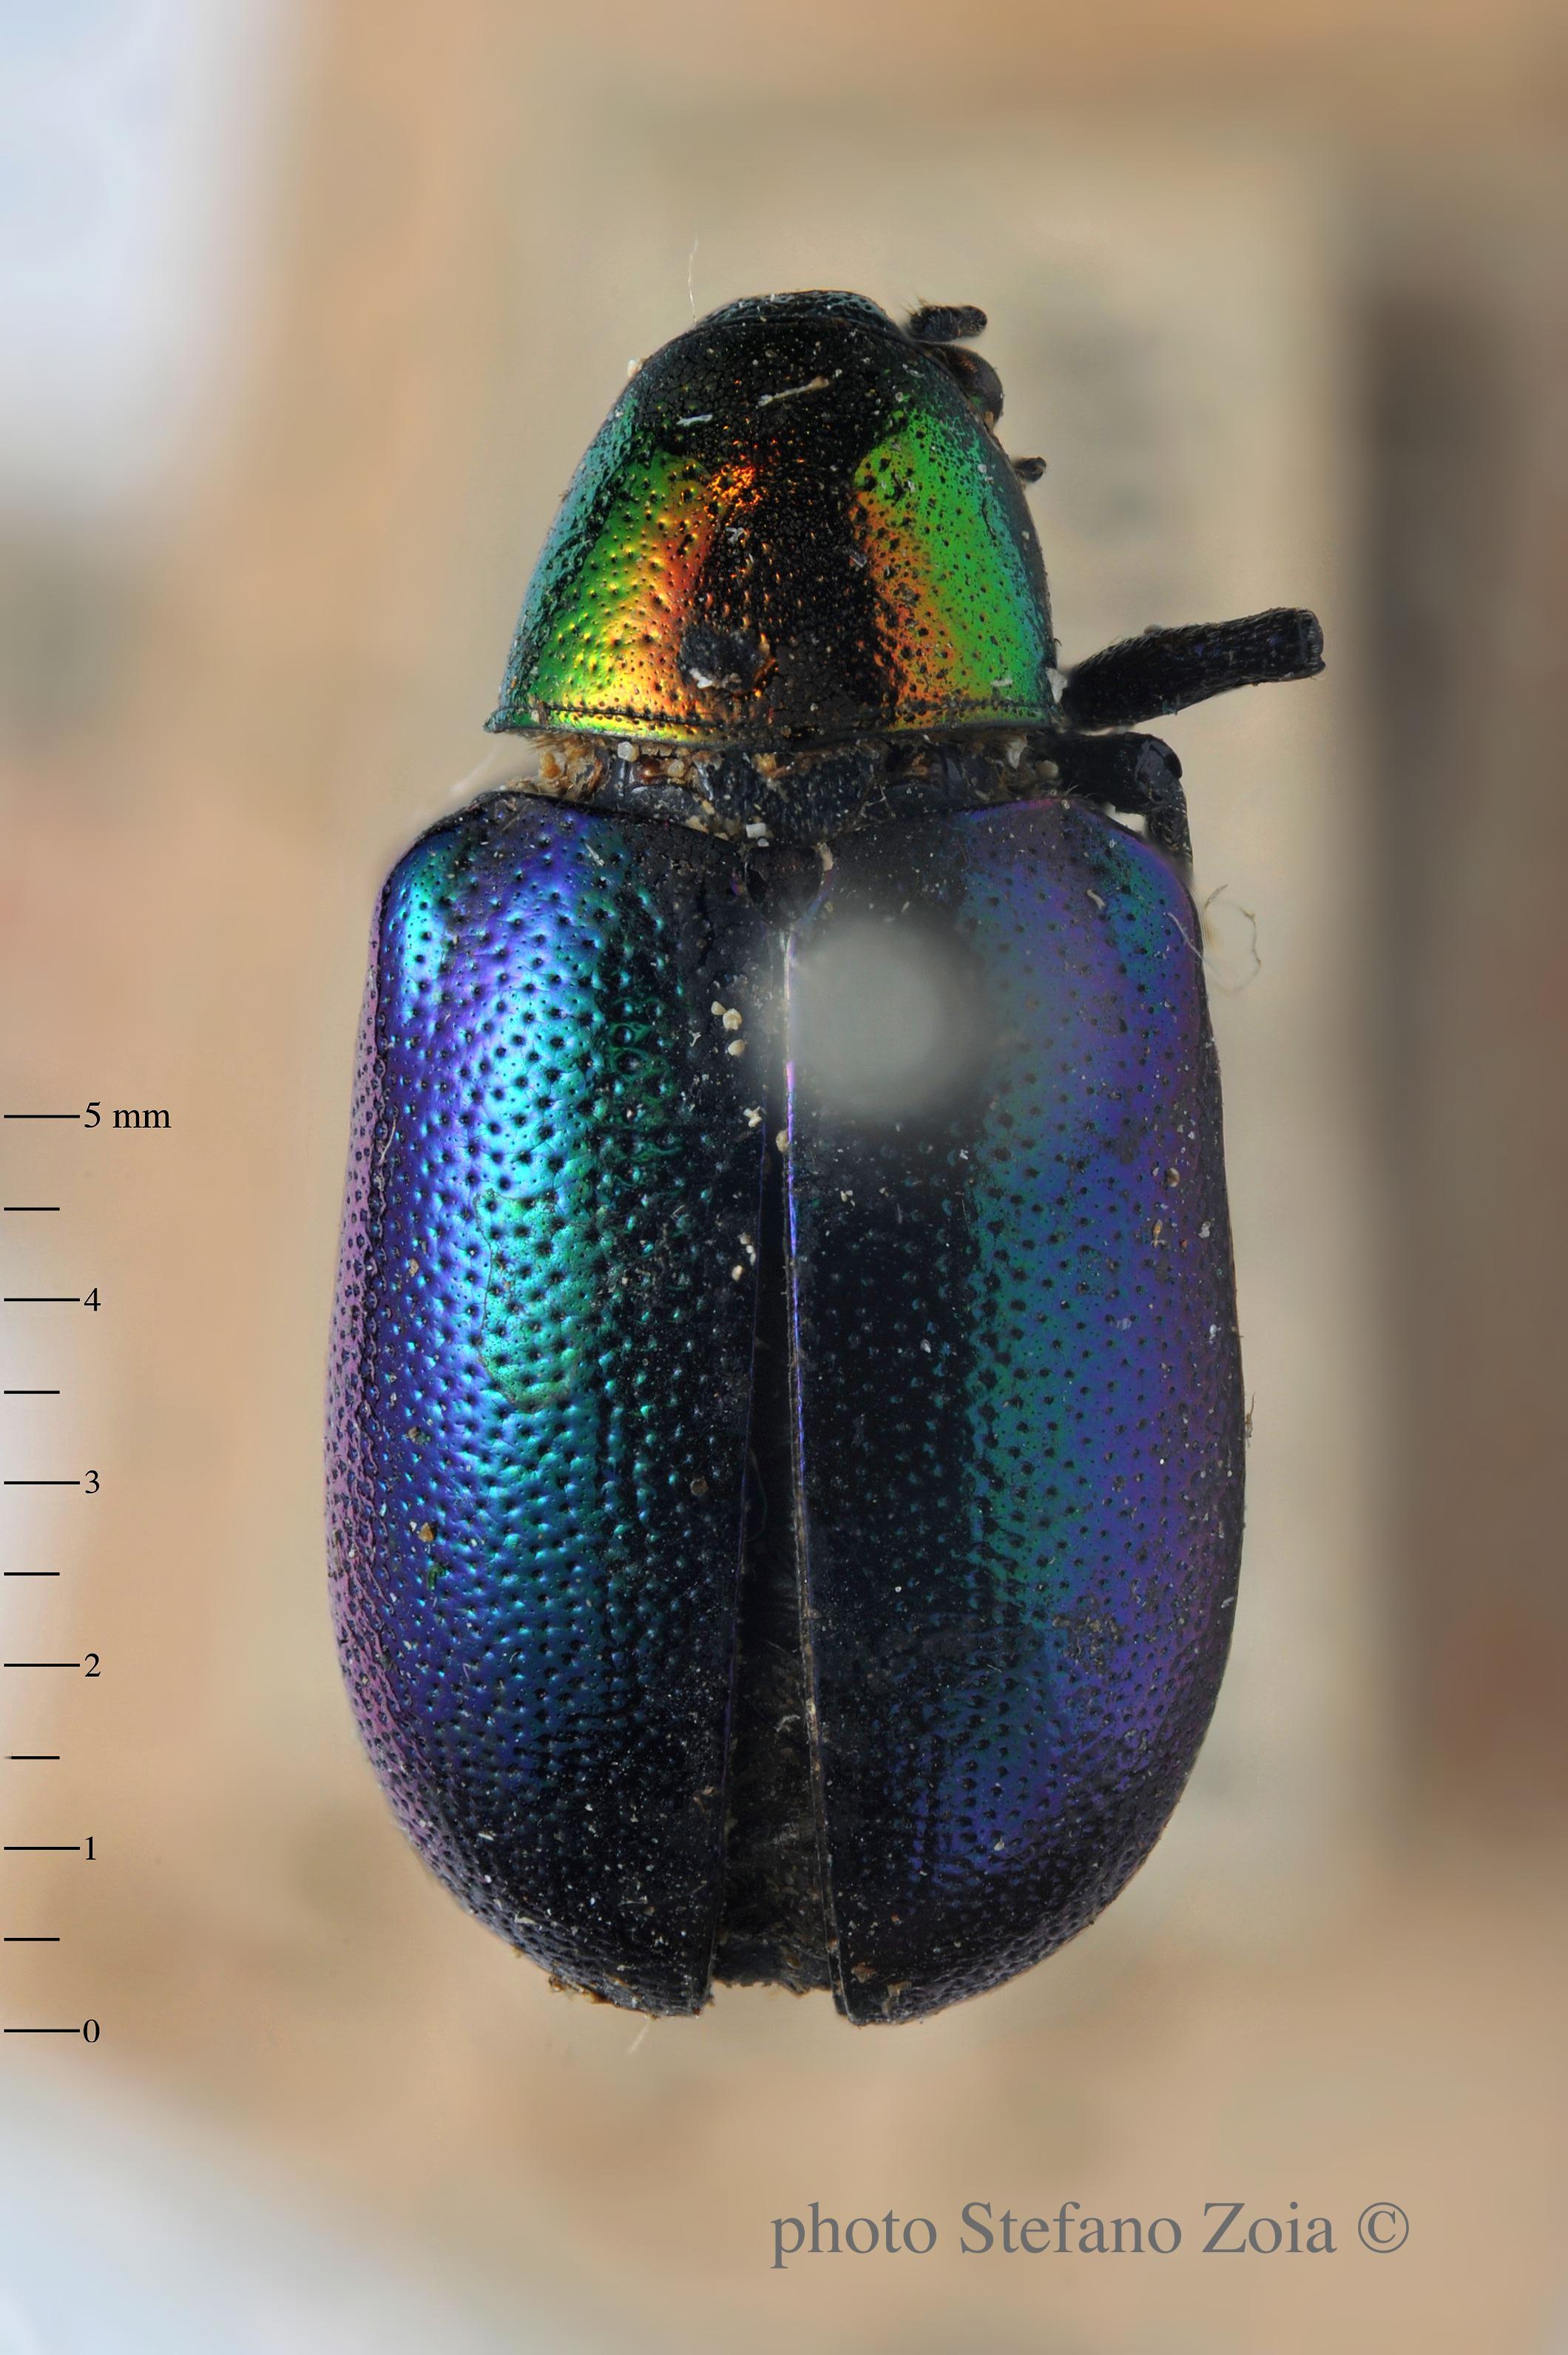 BE-RBINS-ENT Corynodes dejeani subspecies tanganykae 1 - 5894 - 5911.JPG